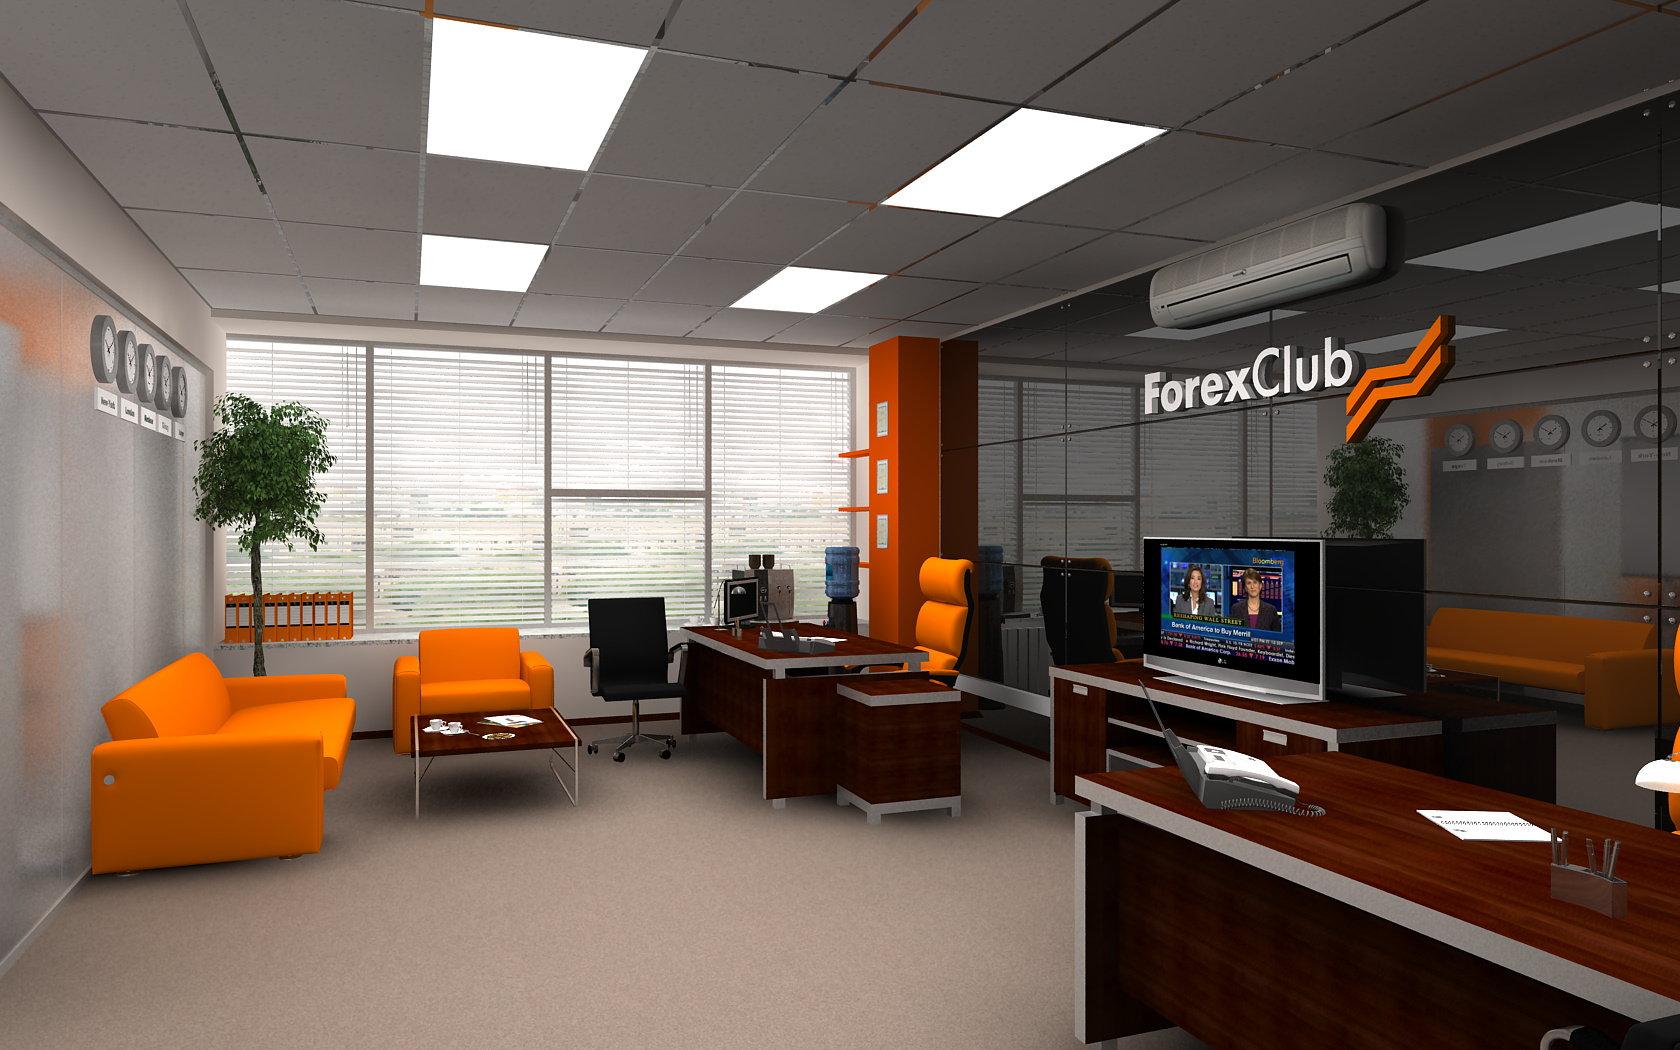 Форекс клуб отзывы 2016 онлайн 3 класс решебник самостоятельные и контрольные работы